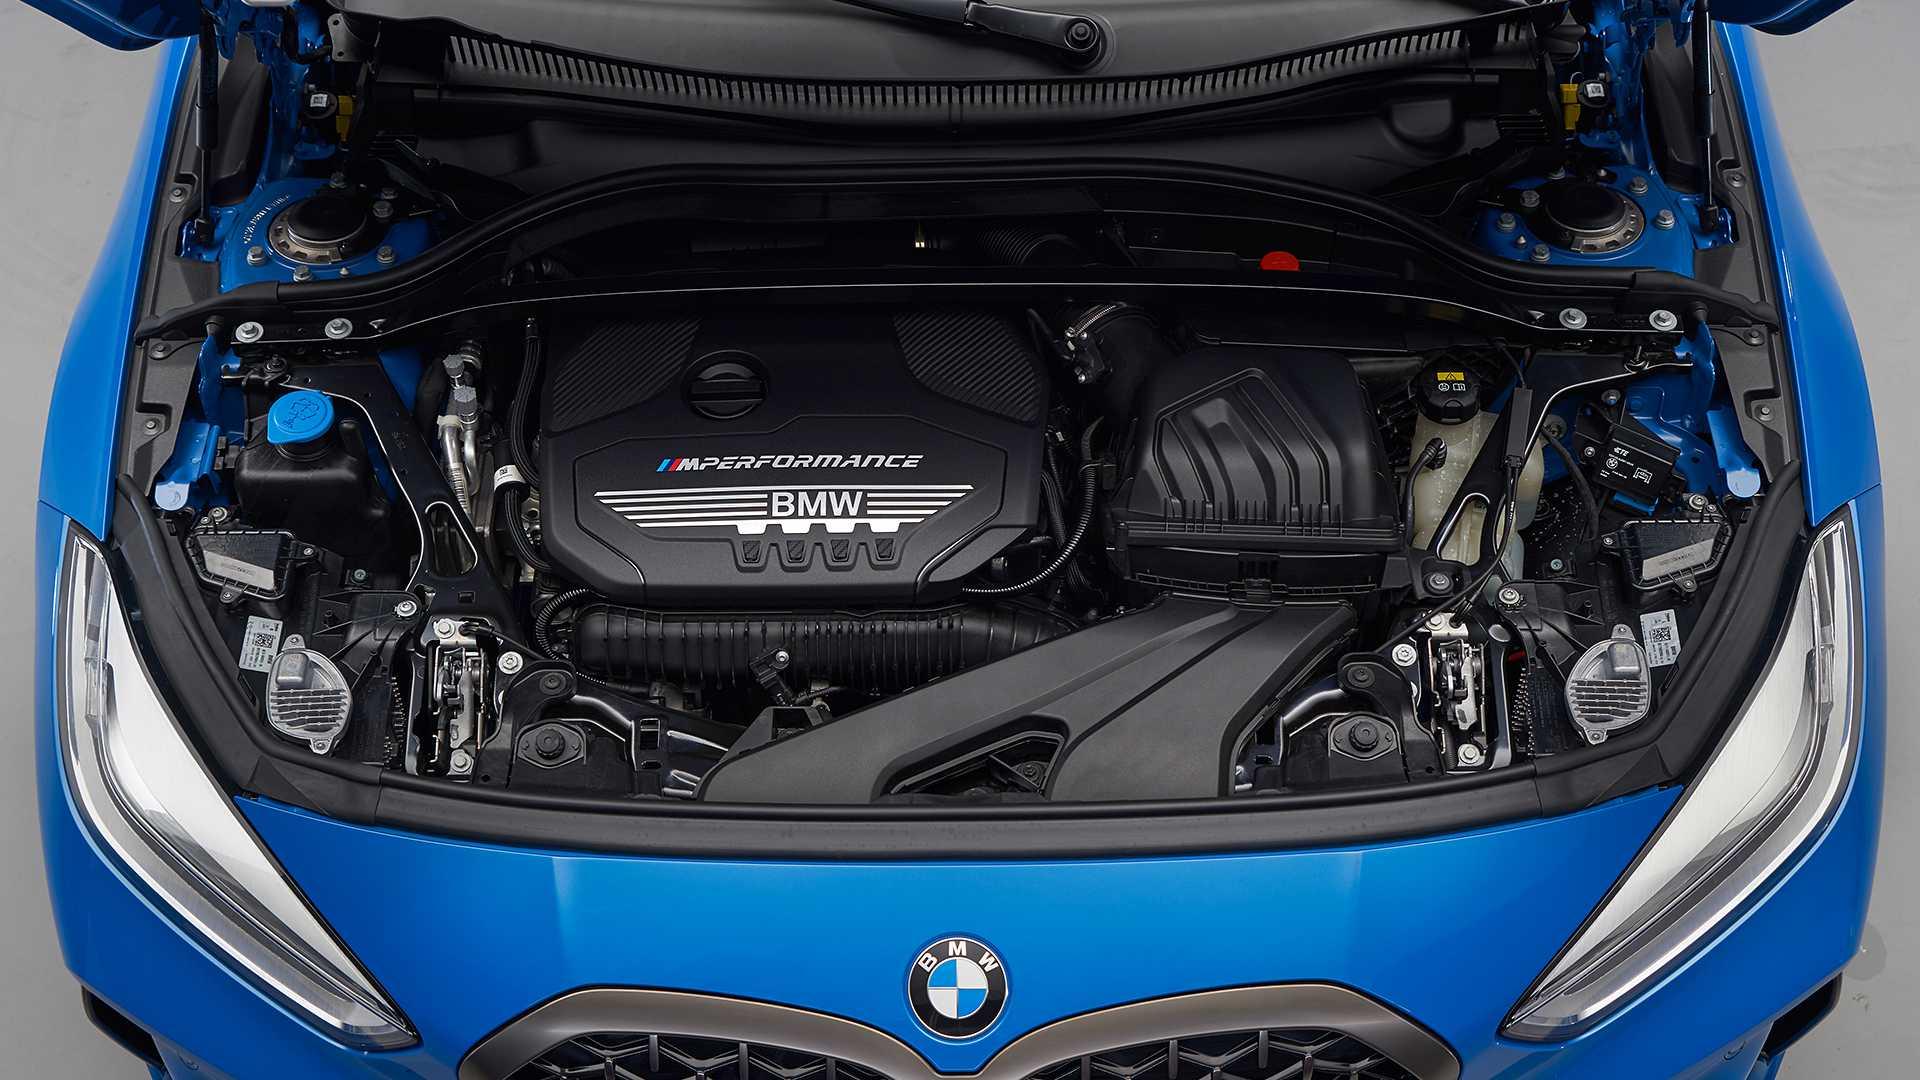 BMW 1 Series thế hệ mới, chiếc hatchback cỡ nhỏ chất không kém đàn anh X2 3